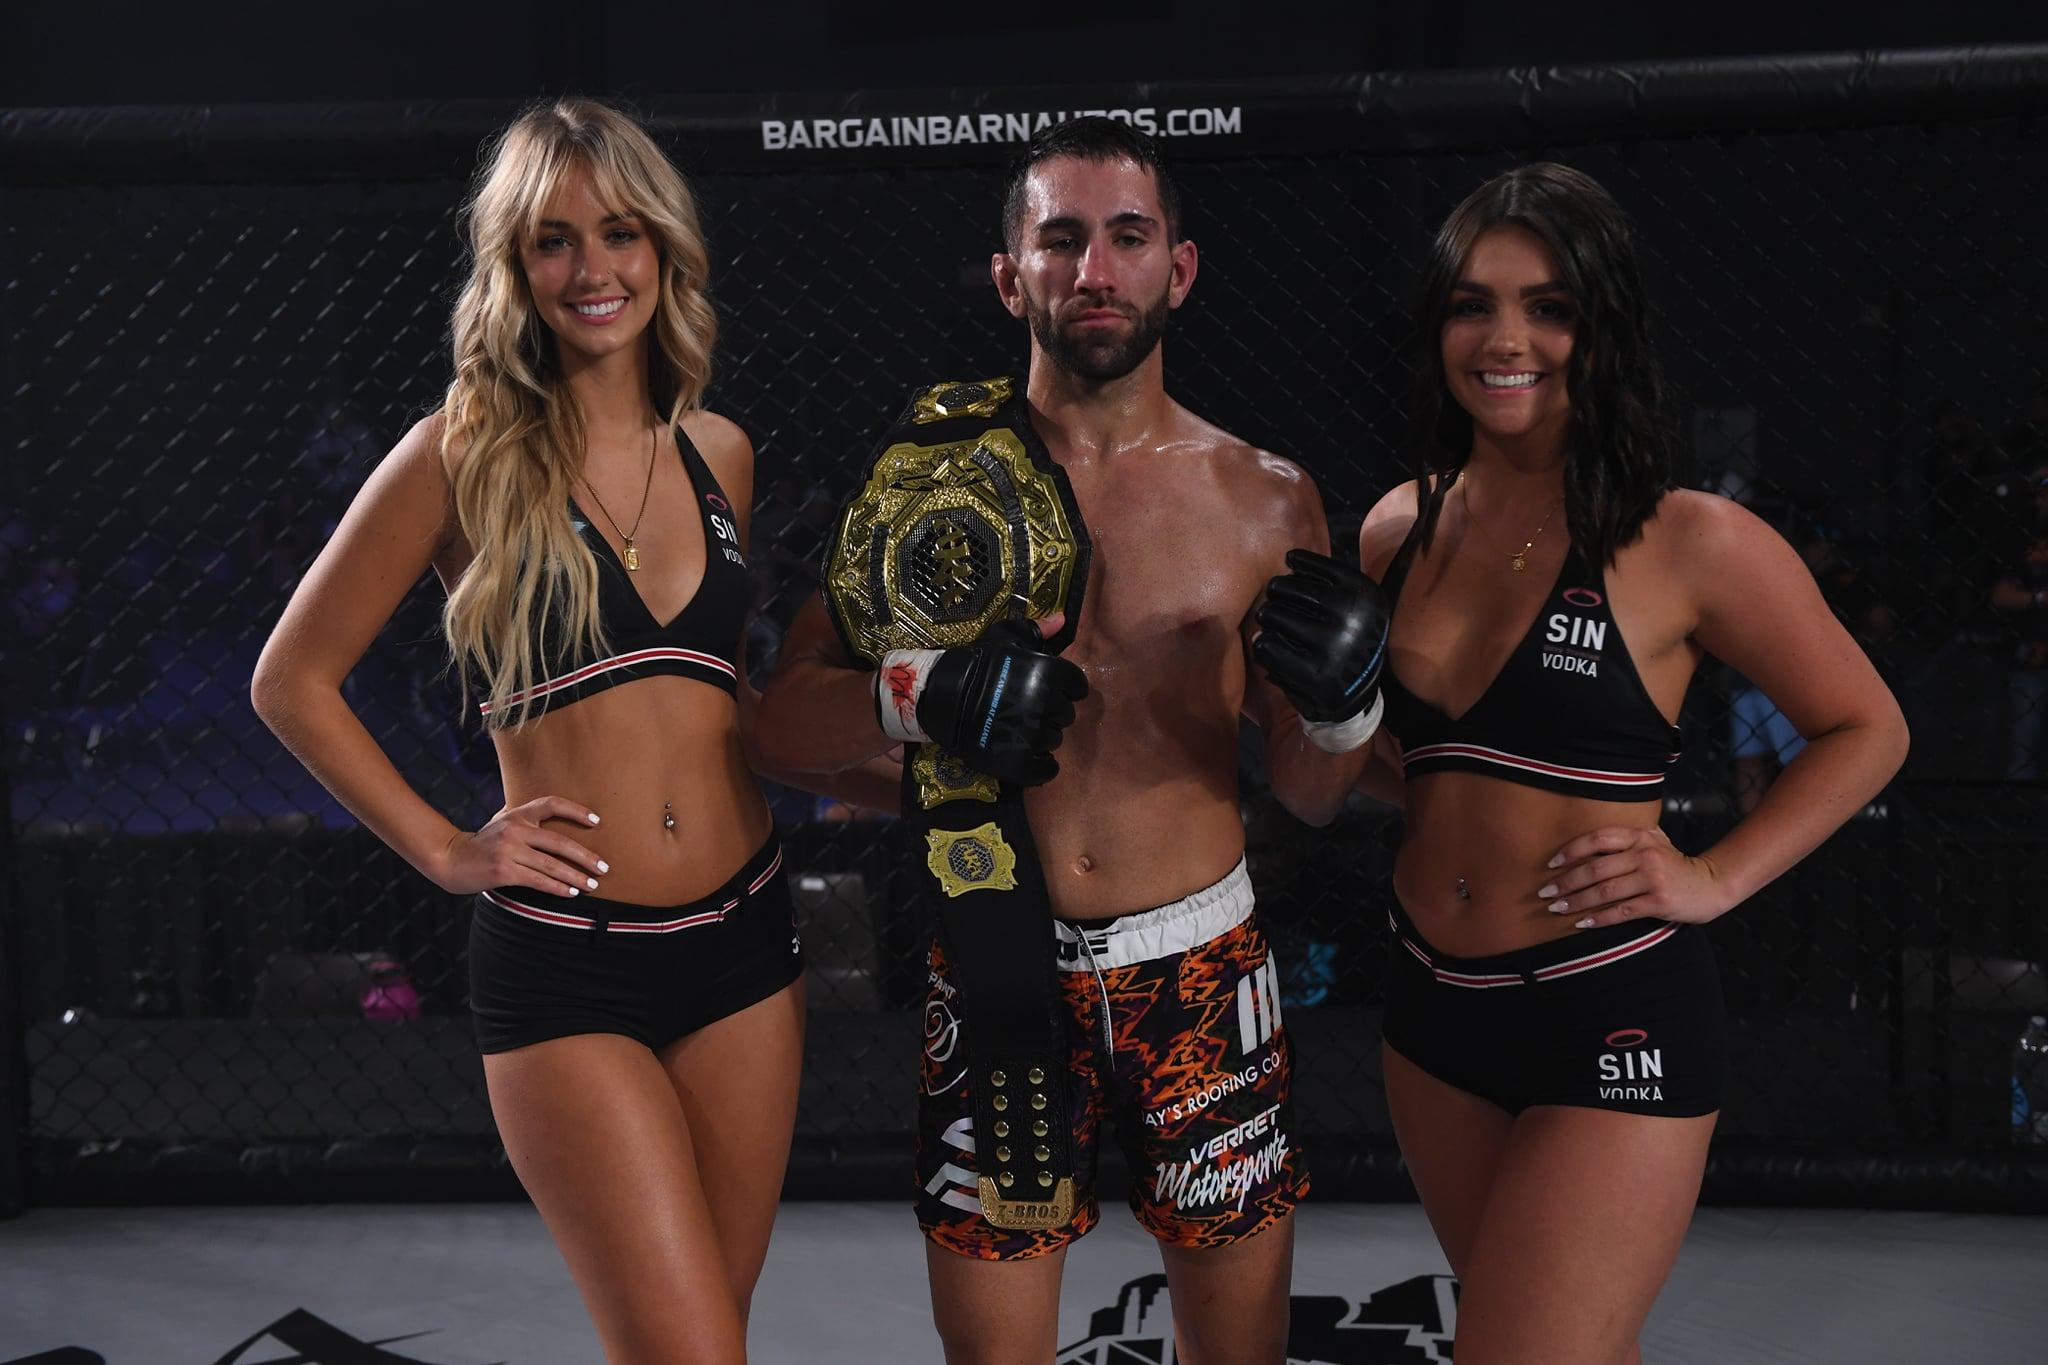 Austin Soileau (new AKA amateur bantamweight champ)